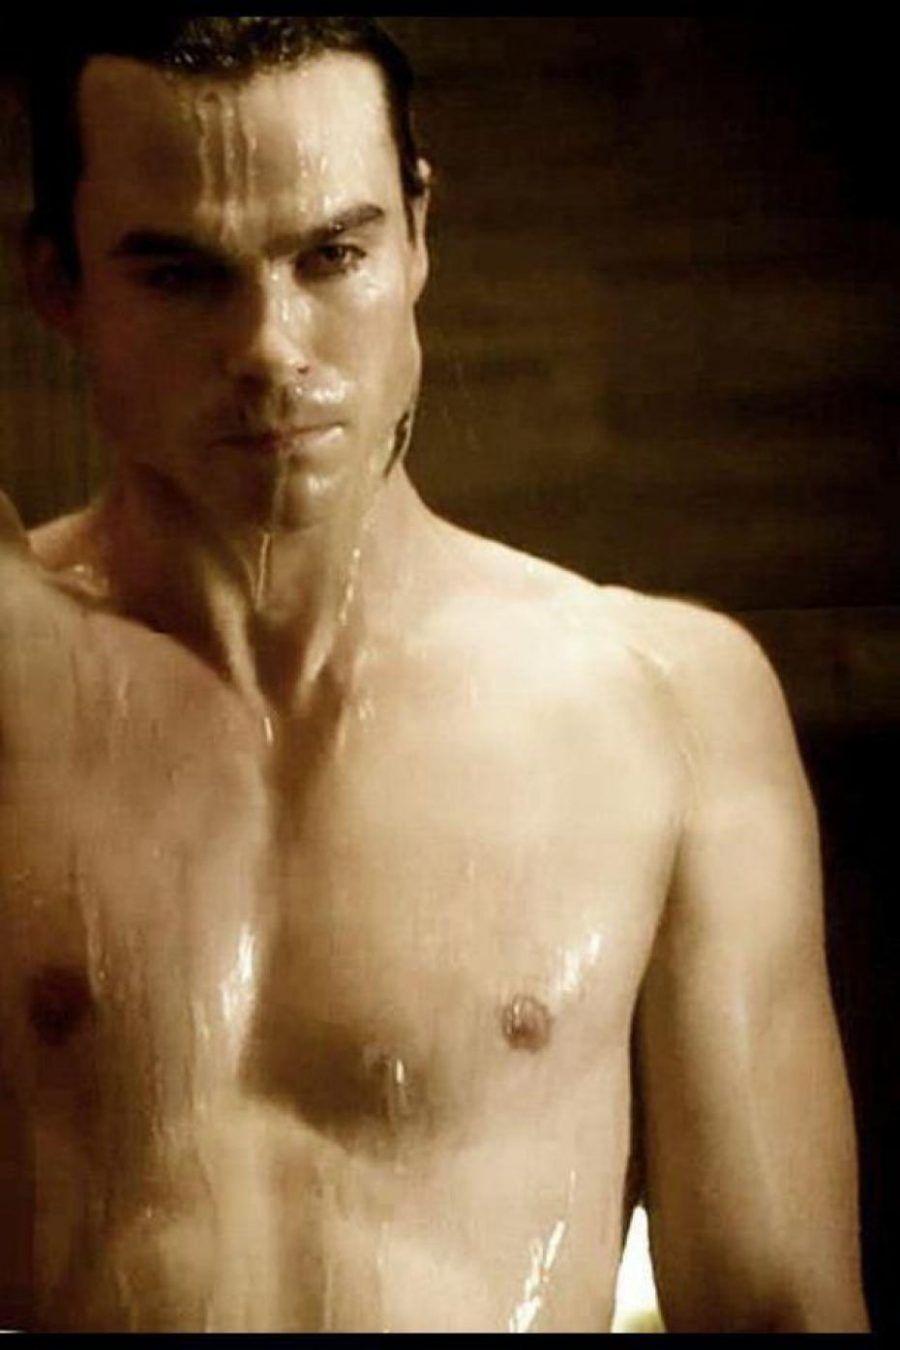 ...il fascino dell'uomo pulito e profumato ha il suo perché...